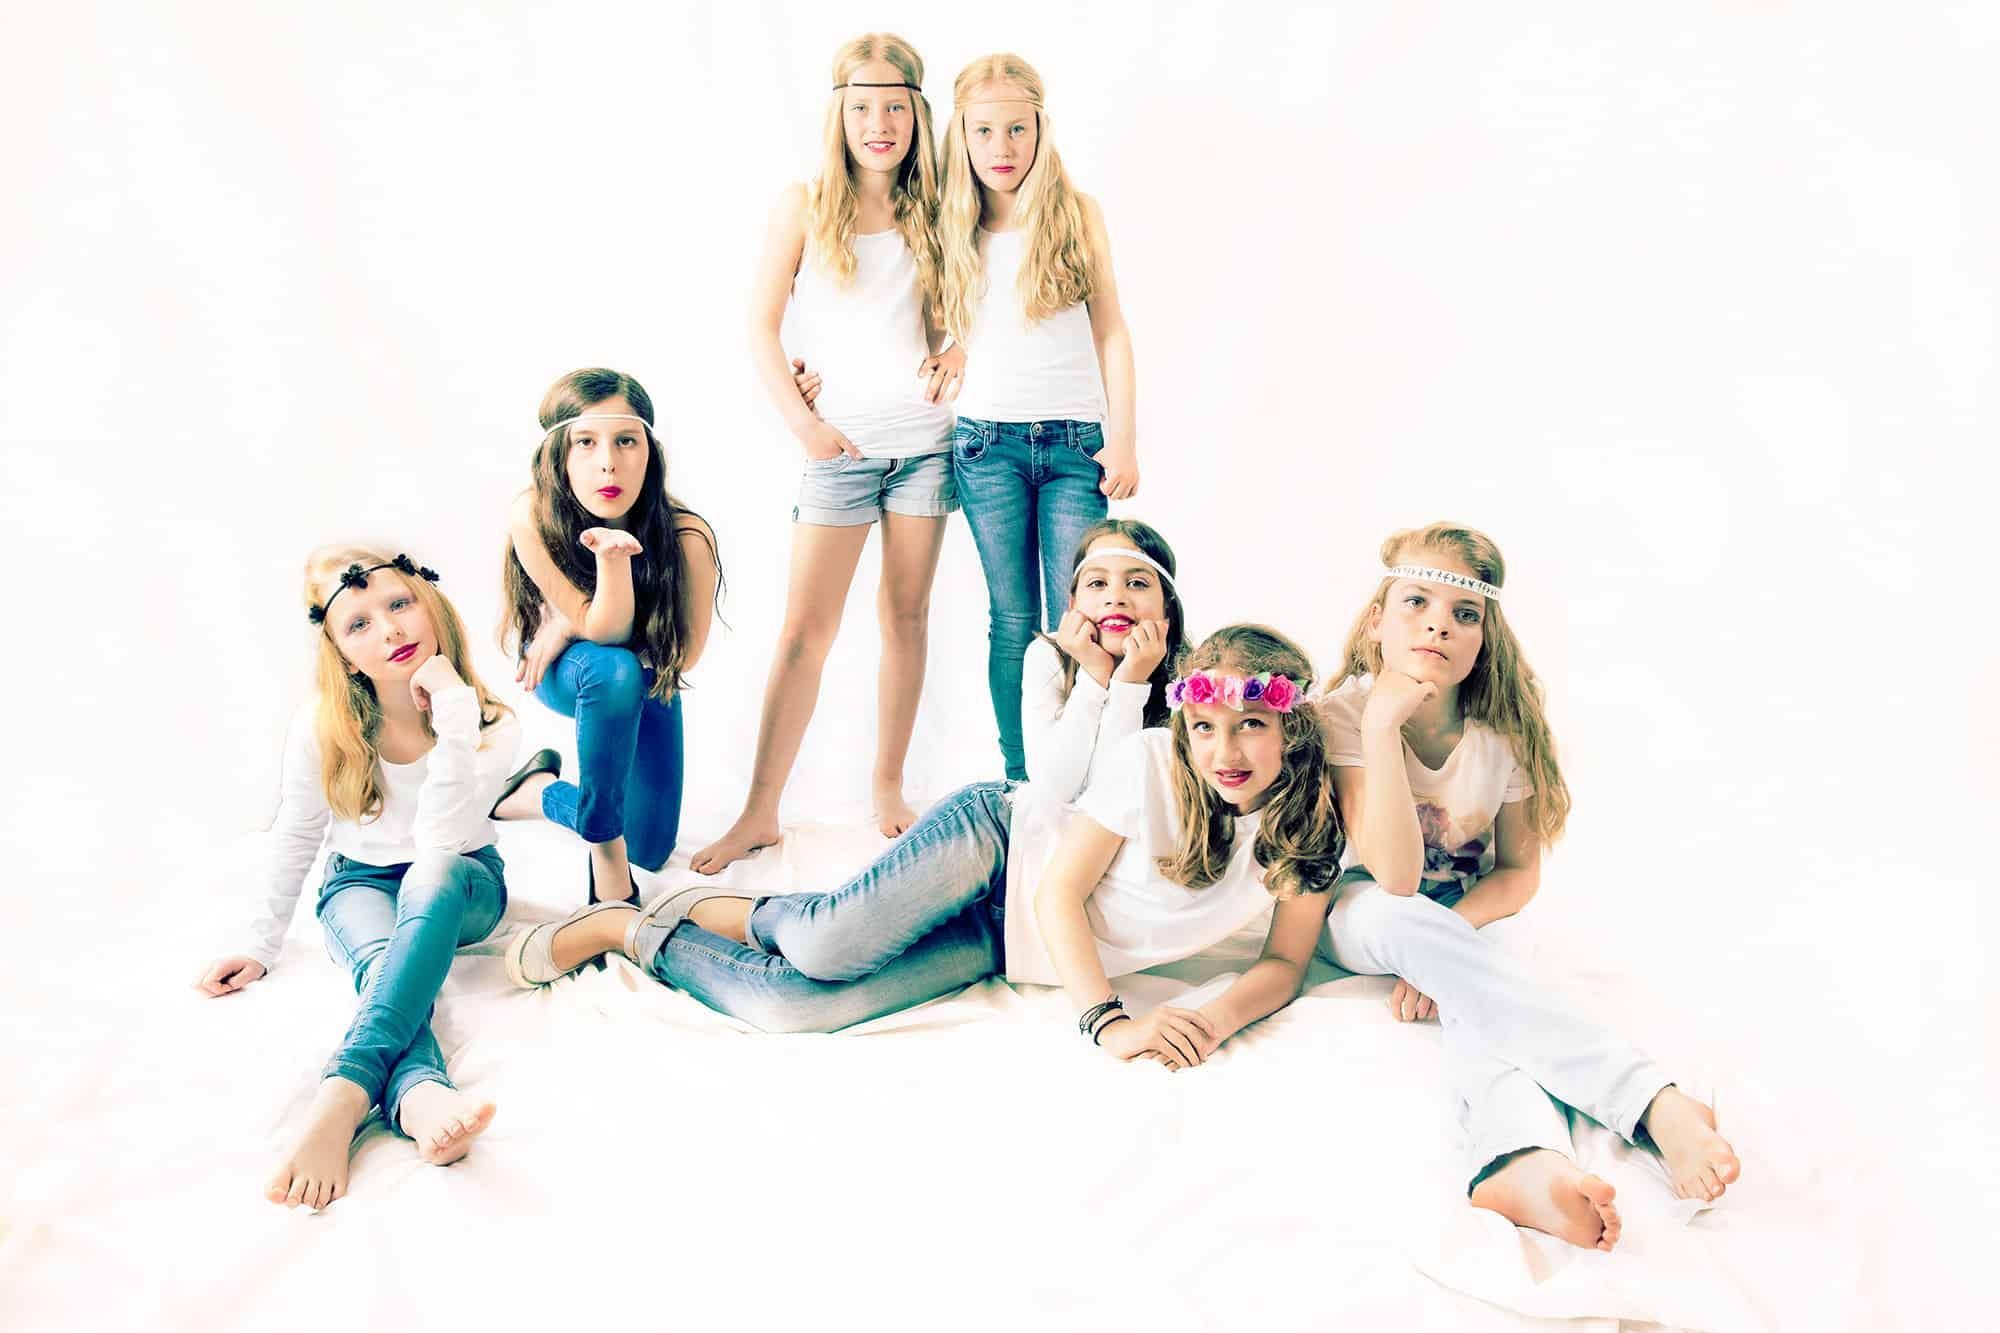 fotograaf Alphen aan den Rijn fotoshoot thuis model kinderfeestje